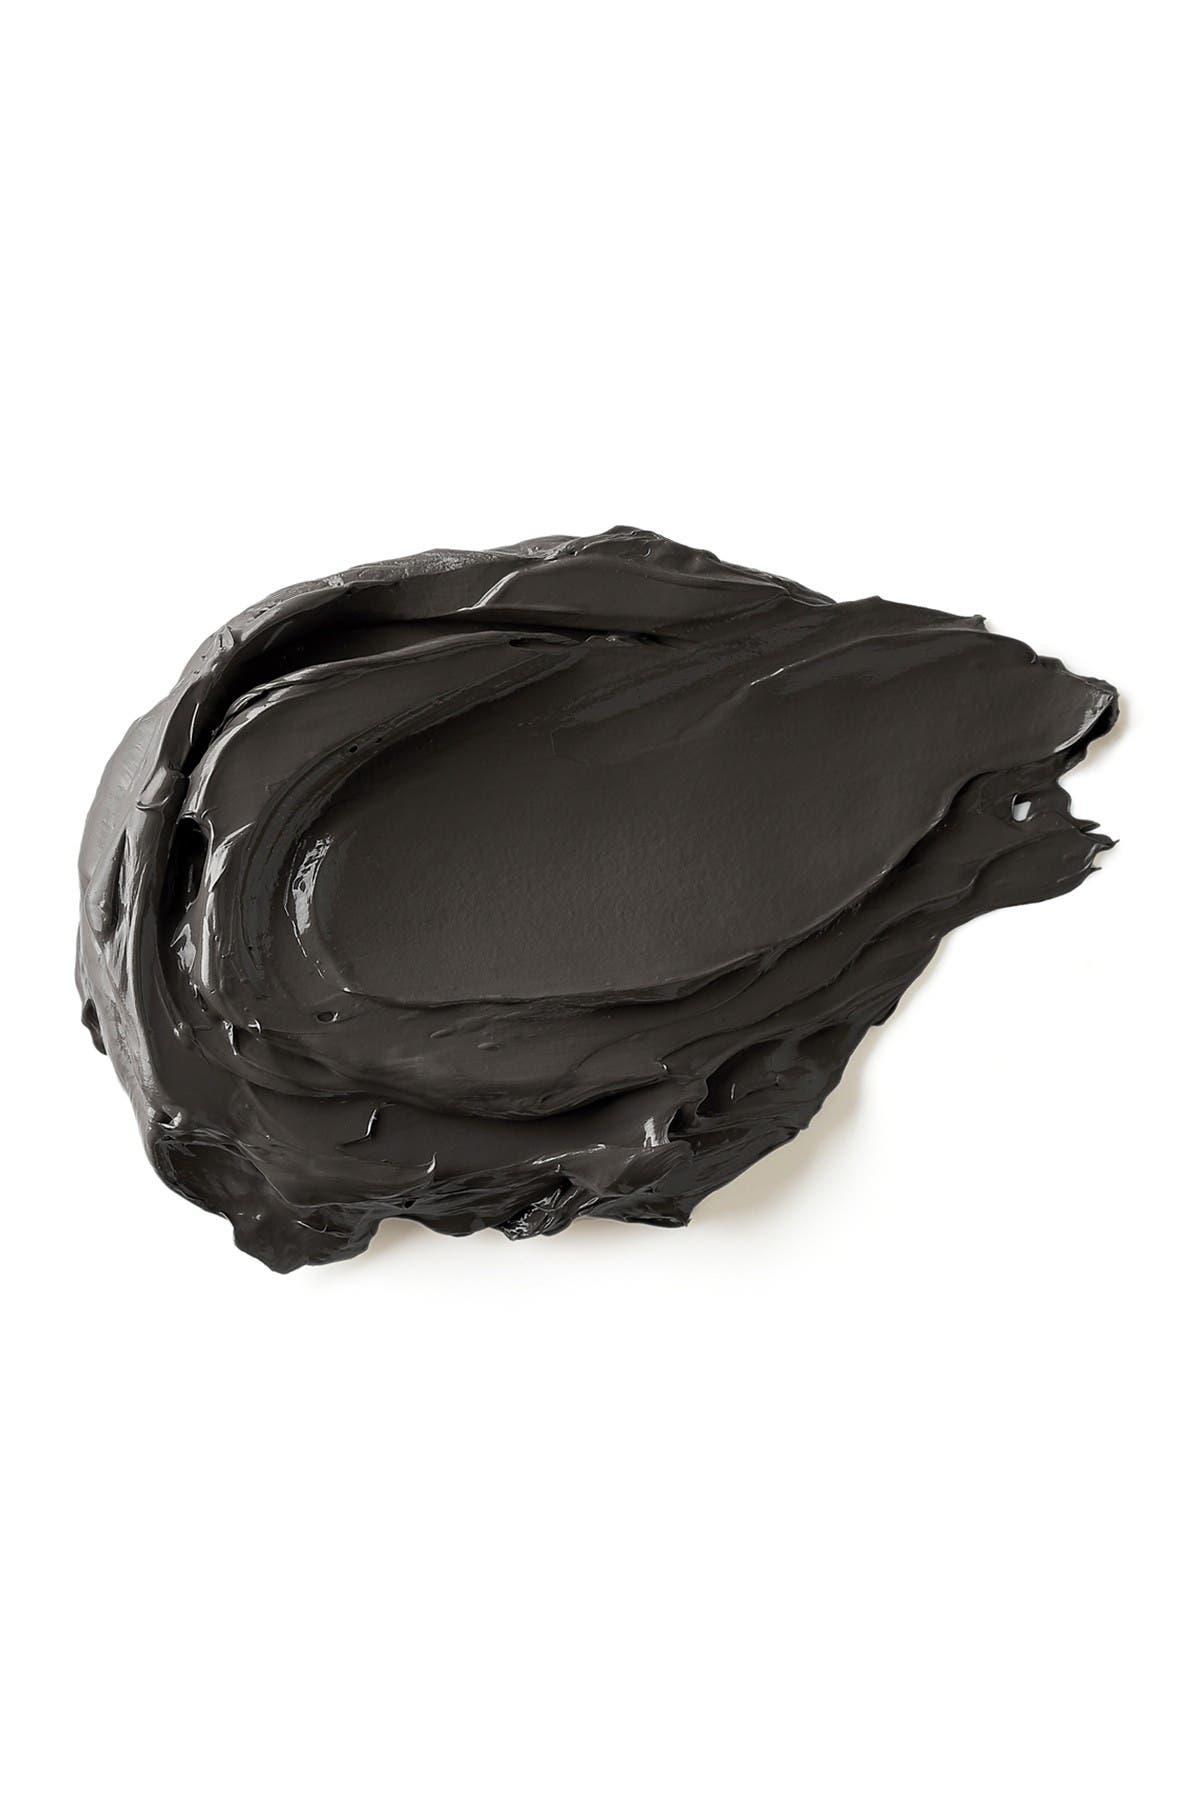 Image of Borghese Fango Uniforme Brightening Mud Mask - 2.7 oz.